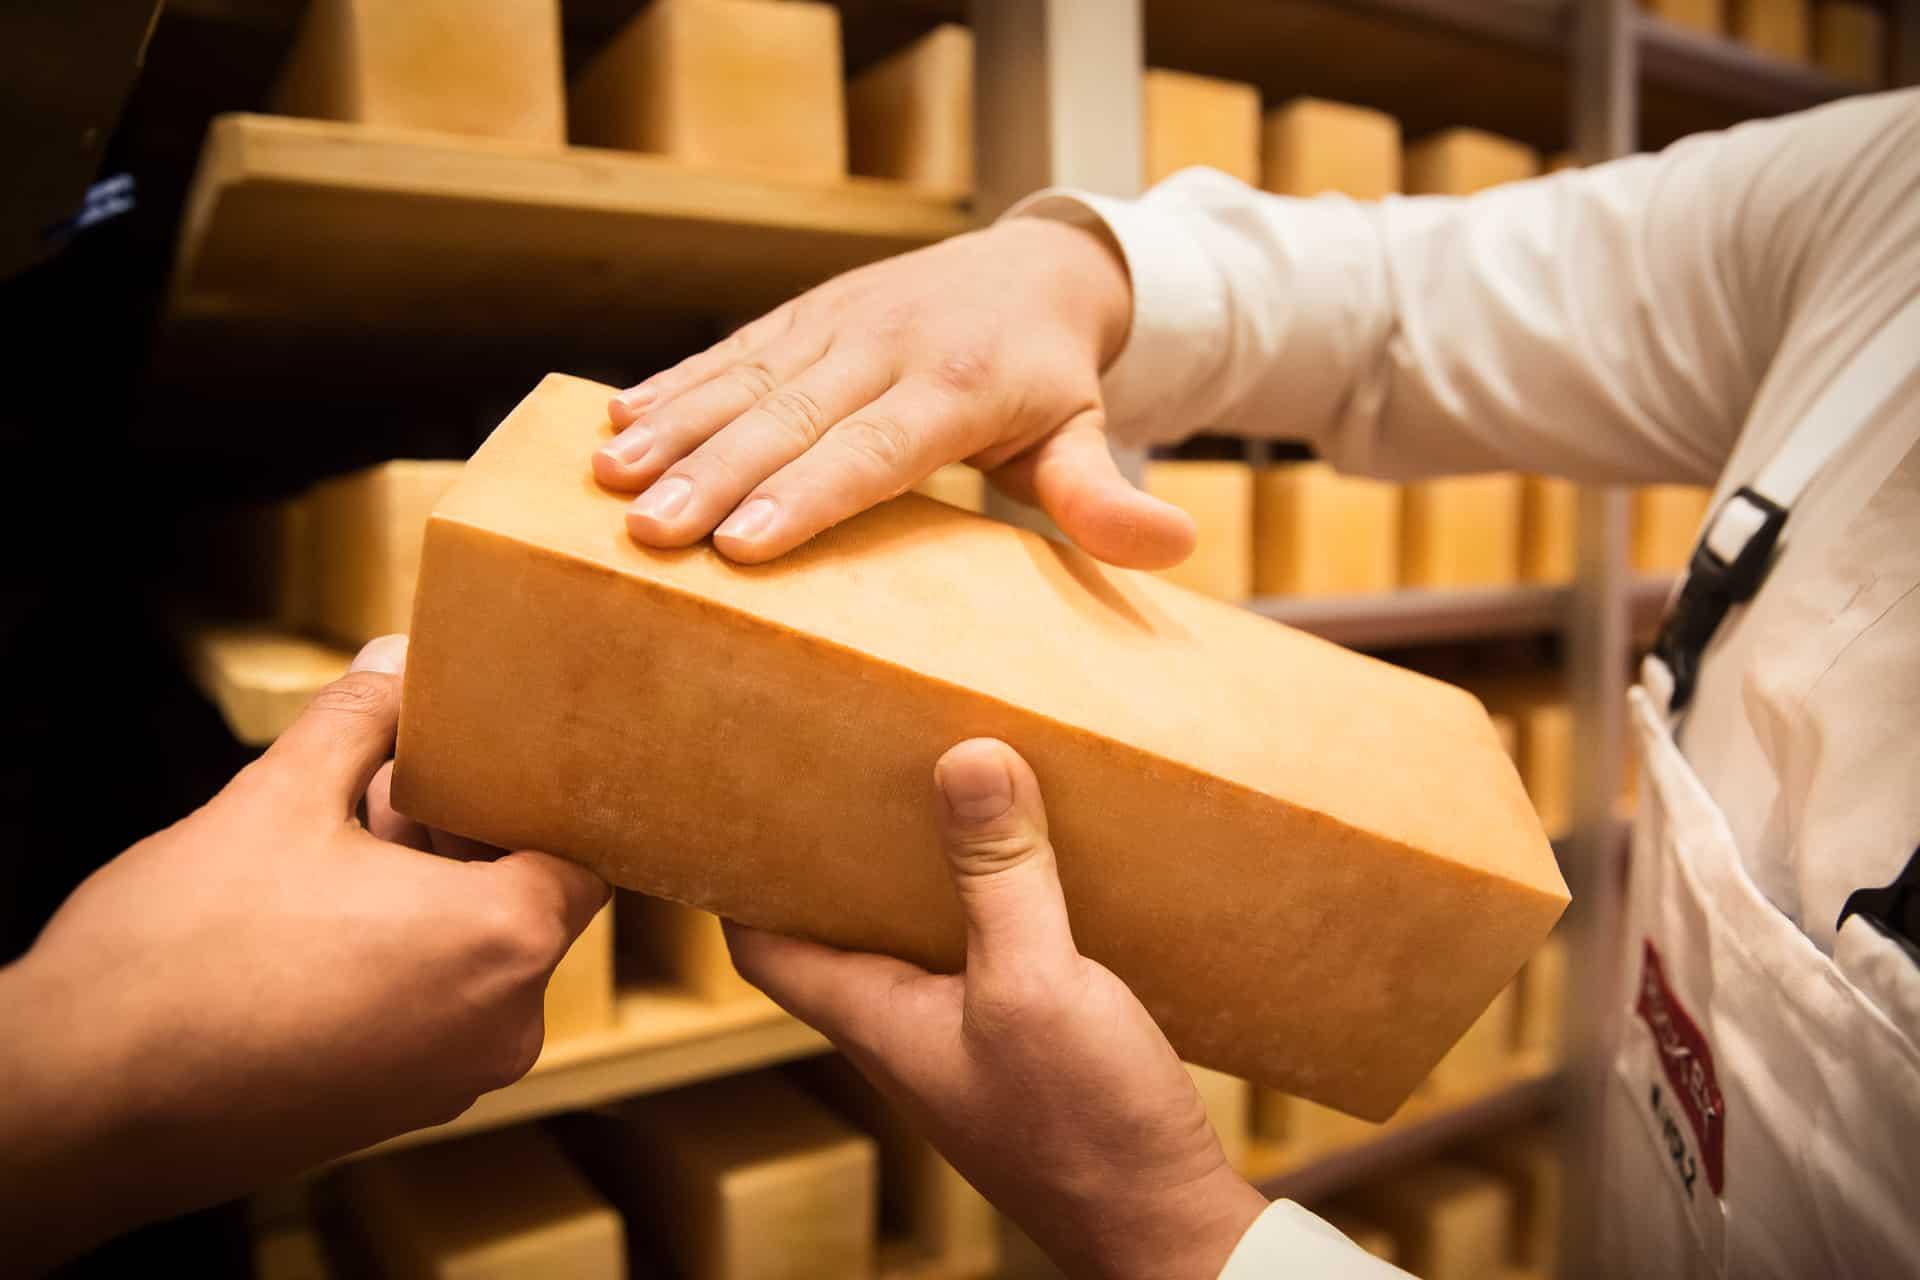 Naturgereifter Käse und Rotkulturen